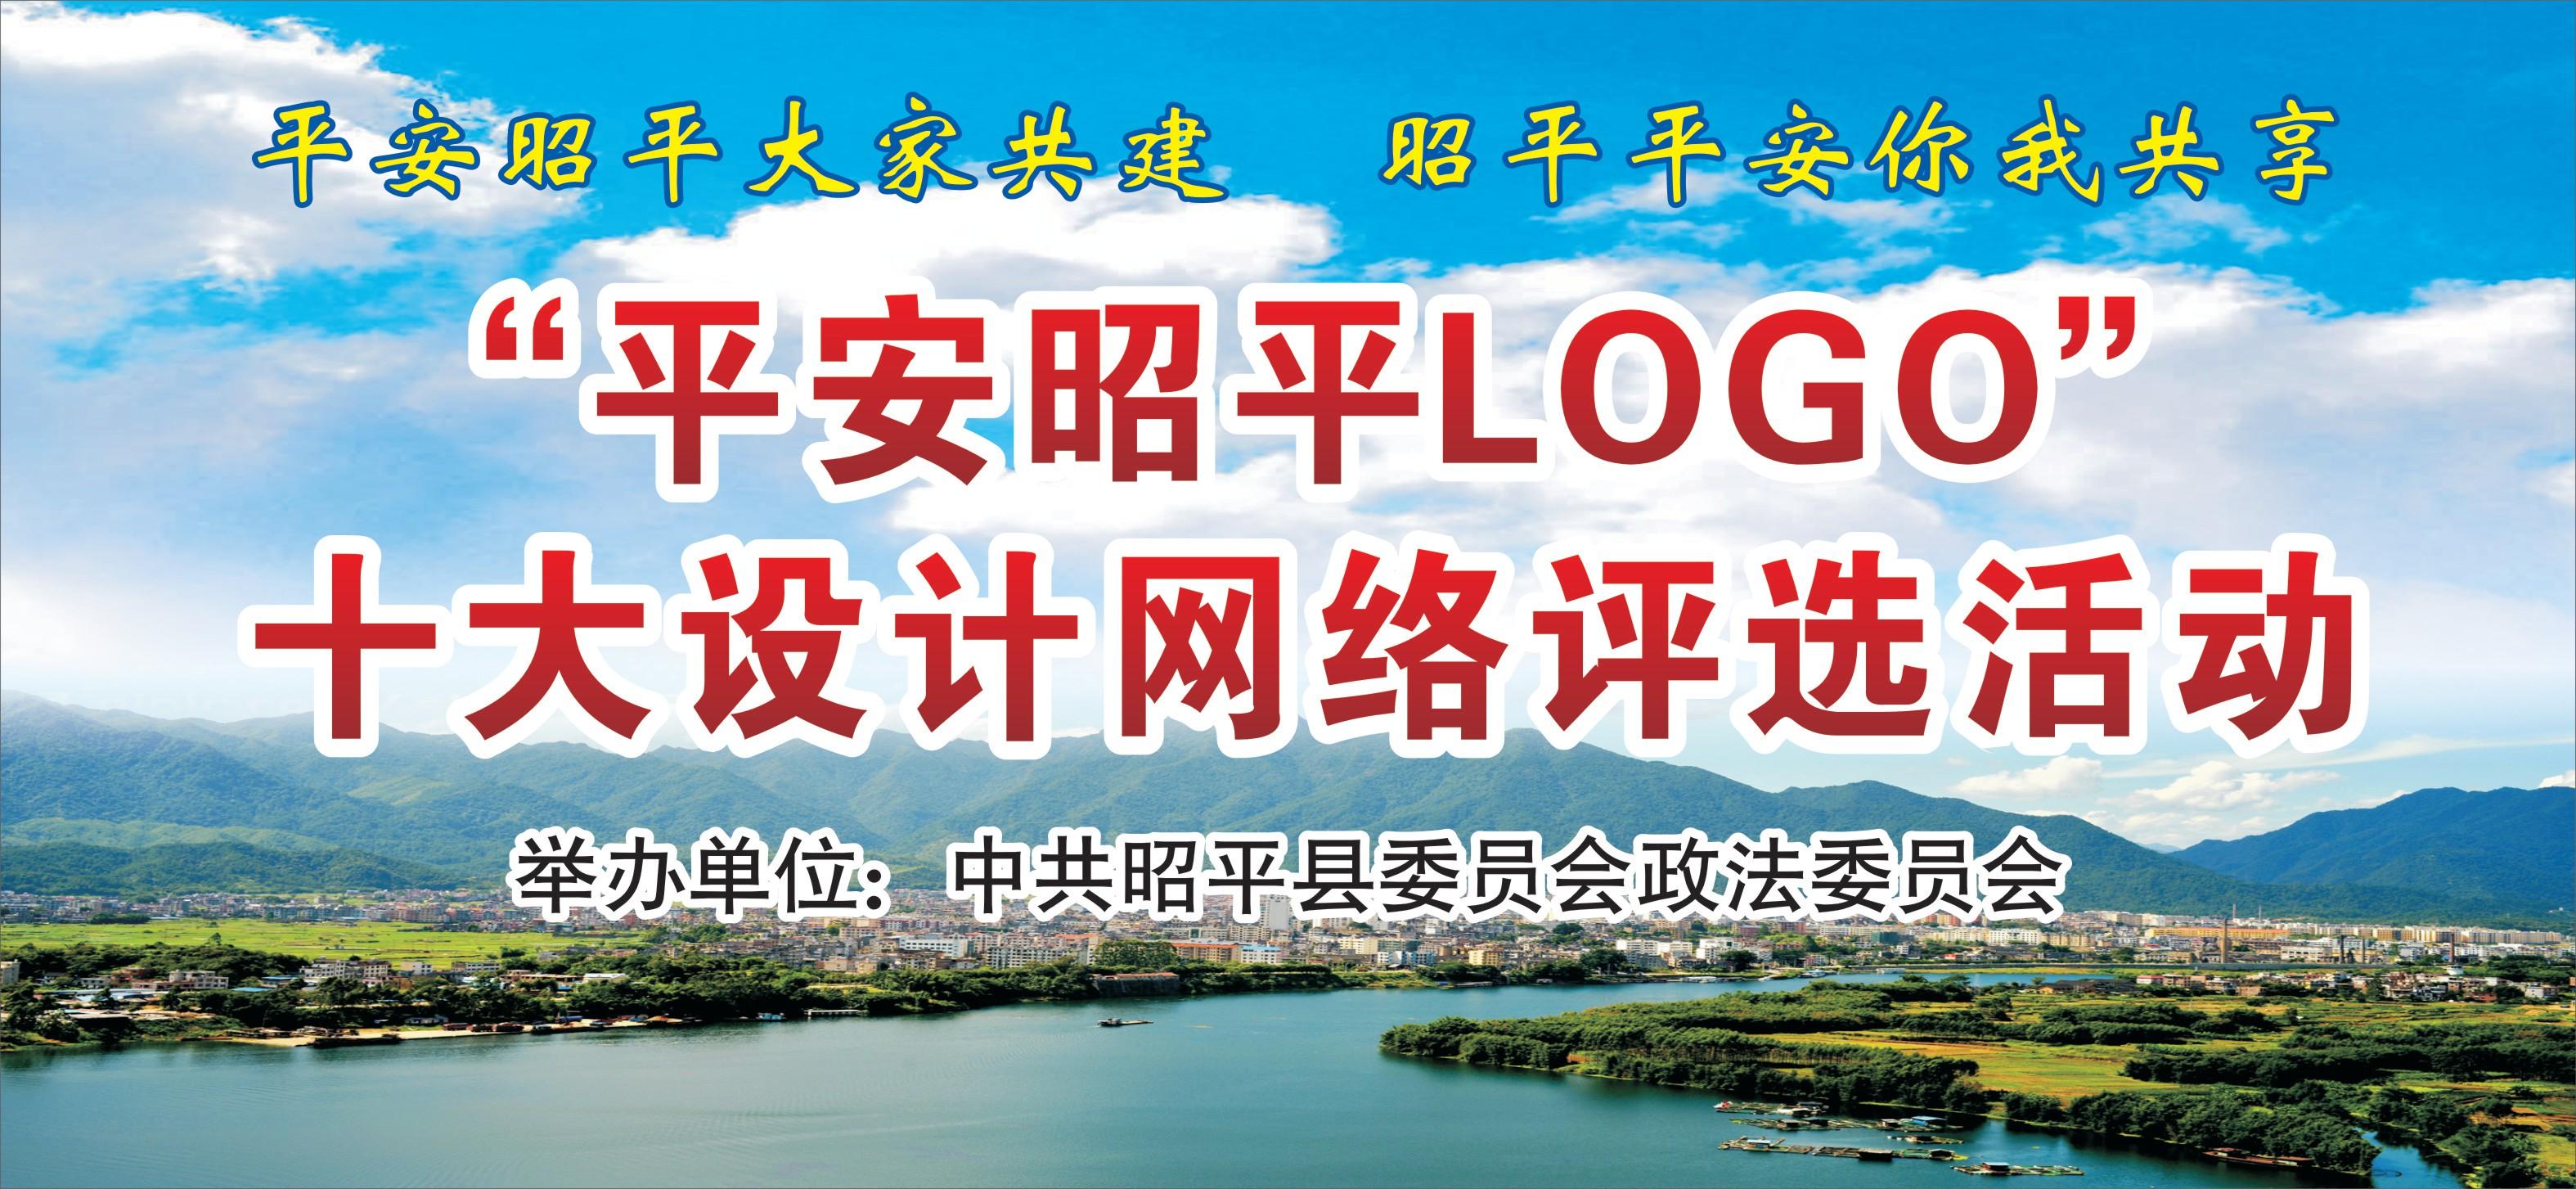 global_8C35E485-F9E2-AC82-4666-7E3931DB0